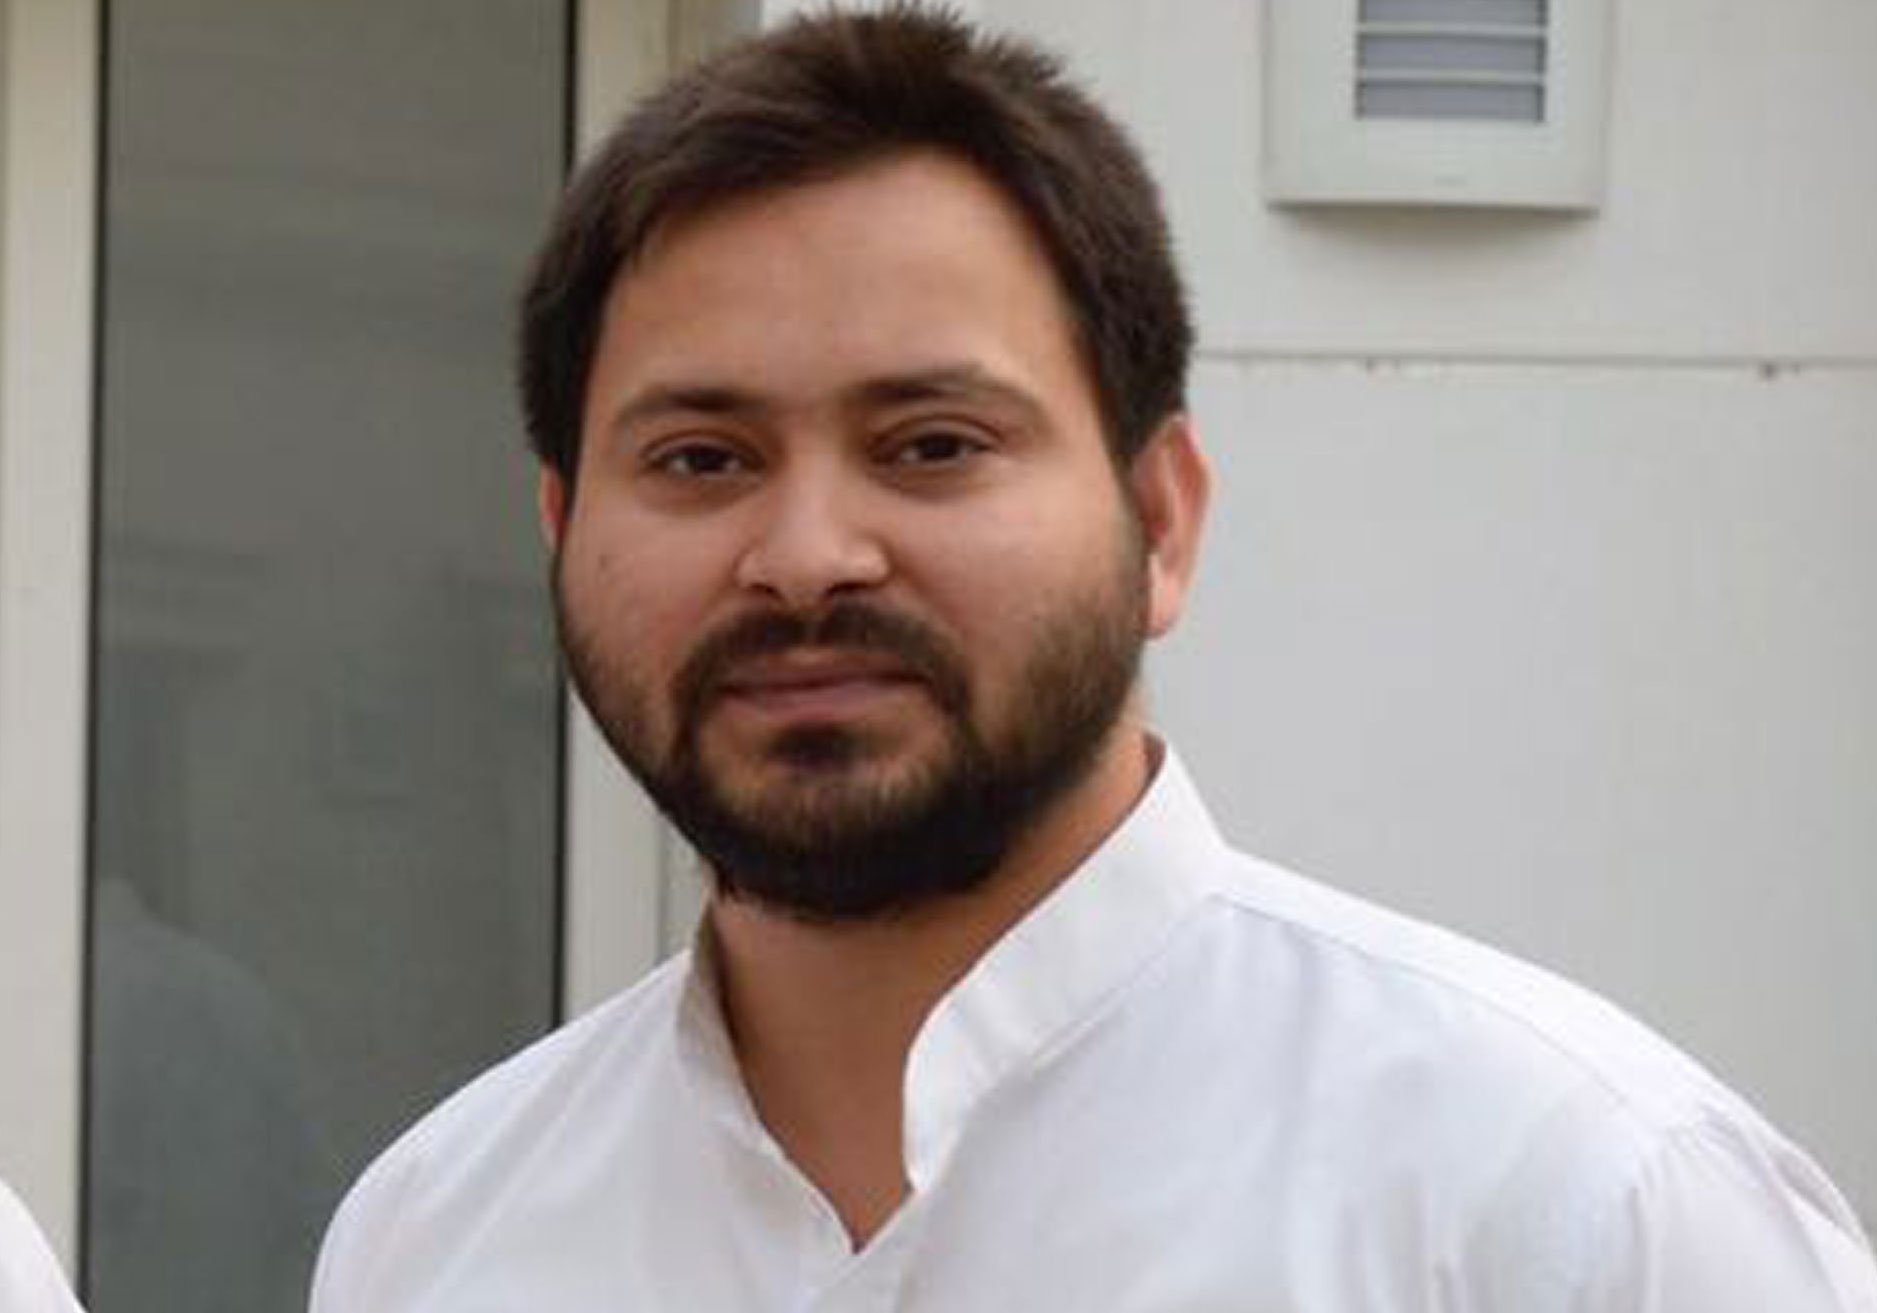 Rashtriya Janata Dal (RJD) leader Tejashwi Prasad Yadav